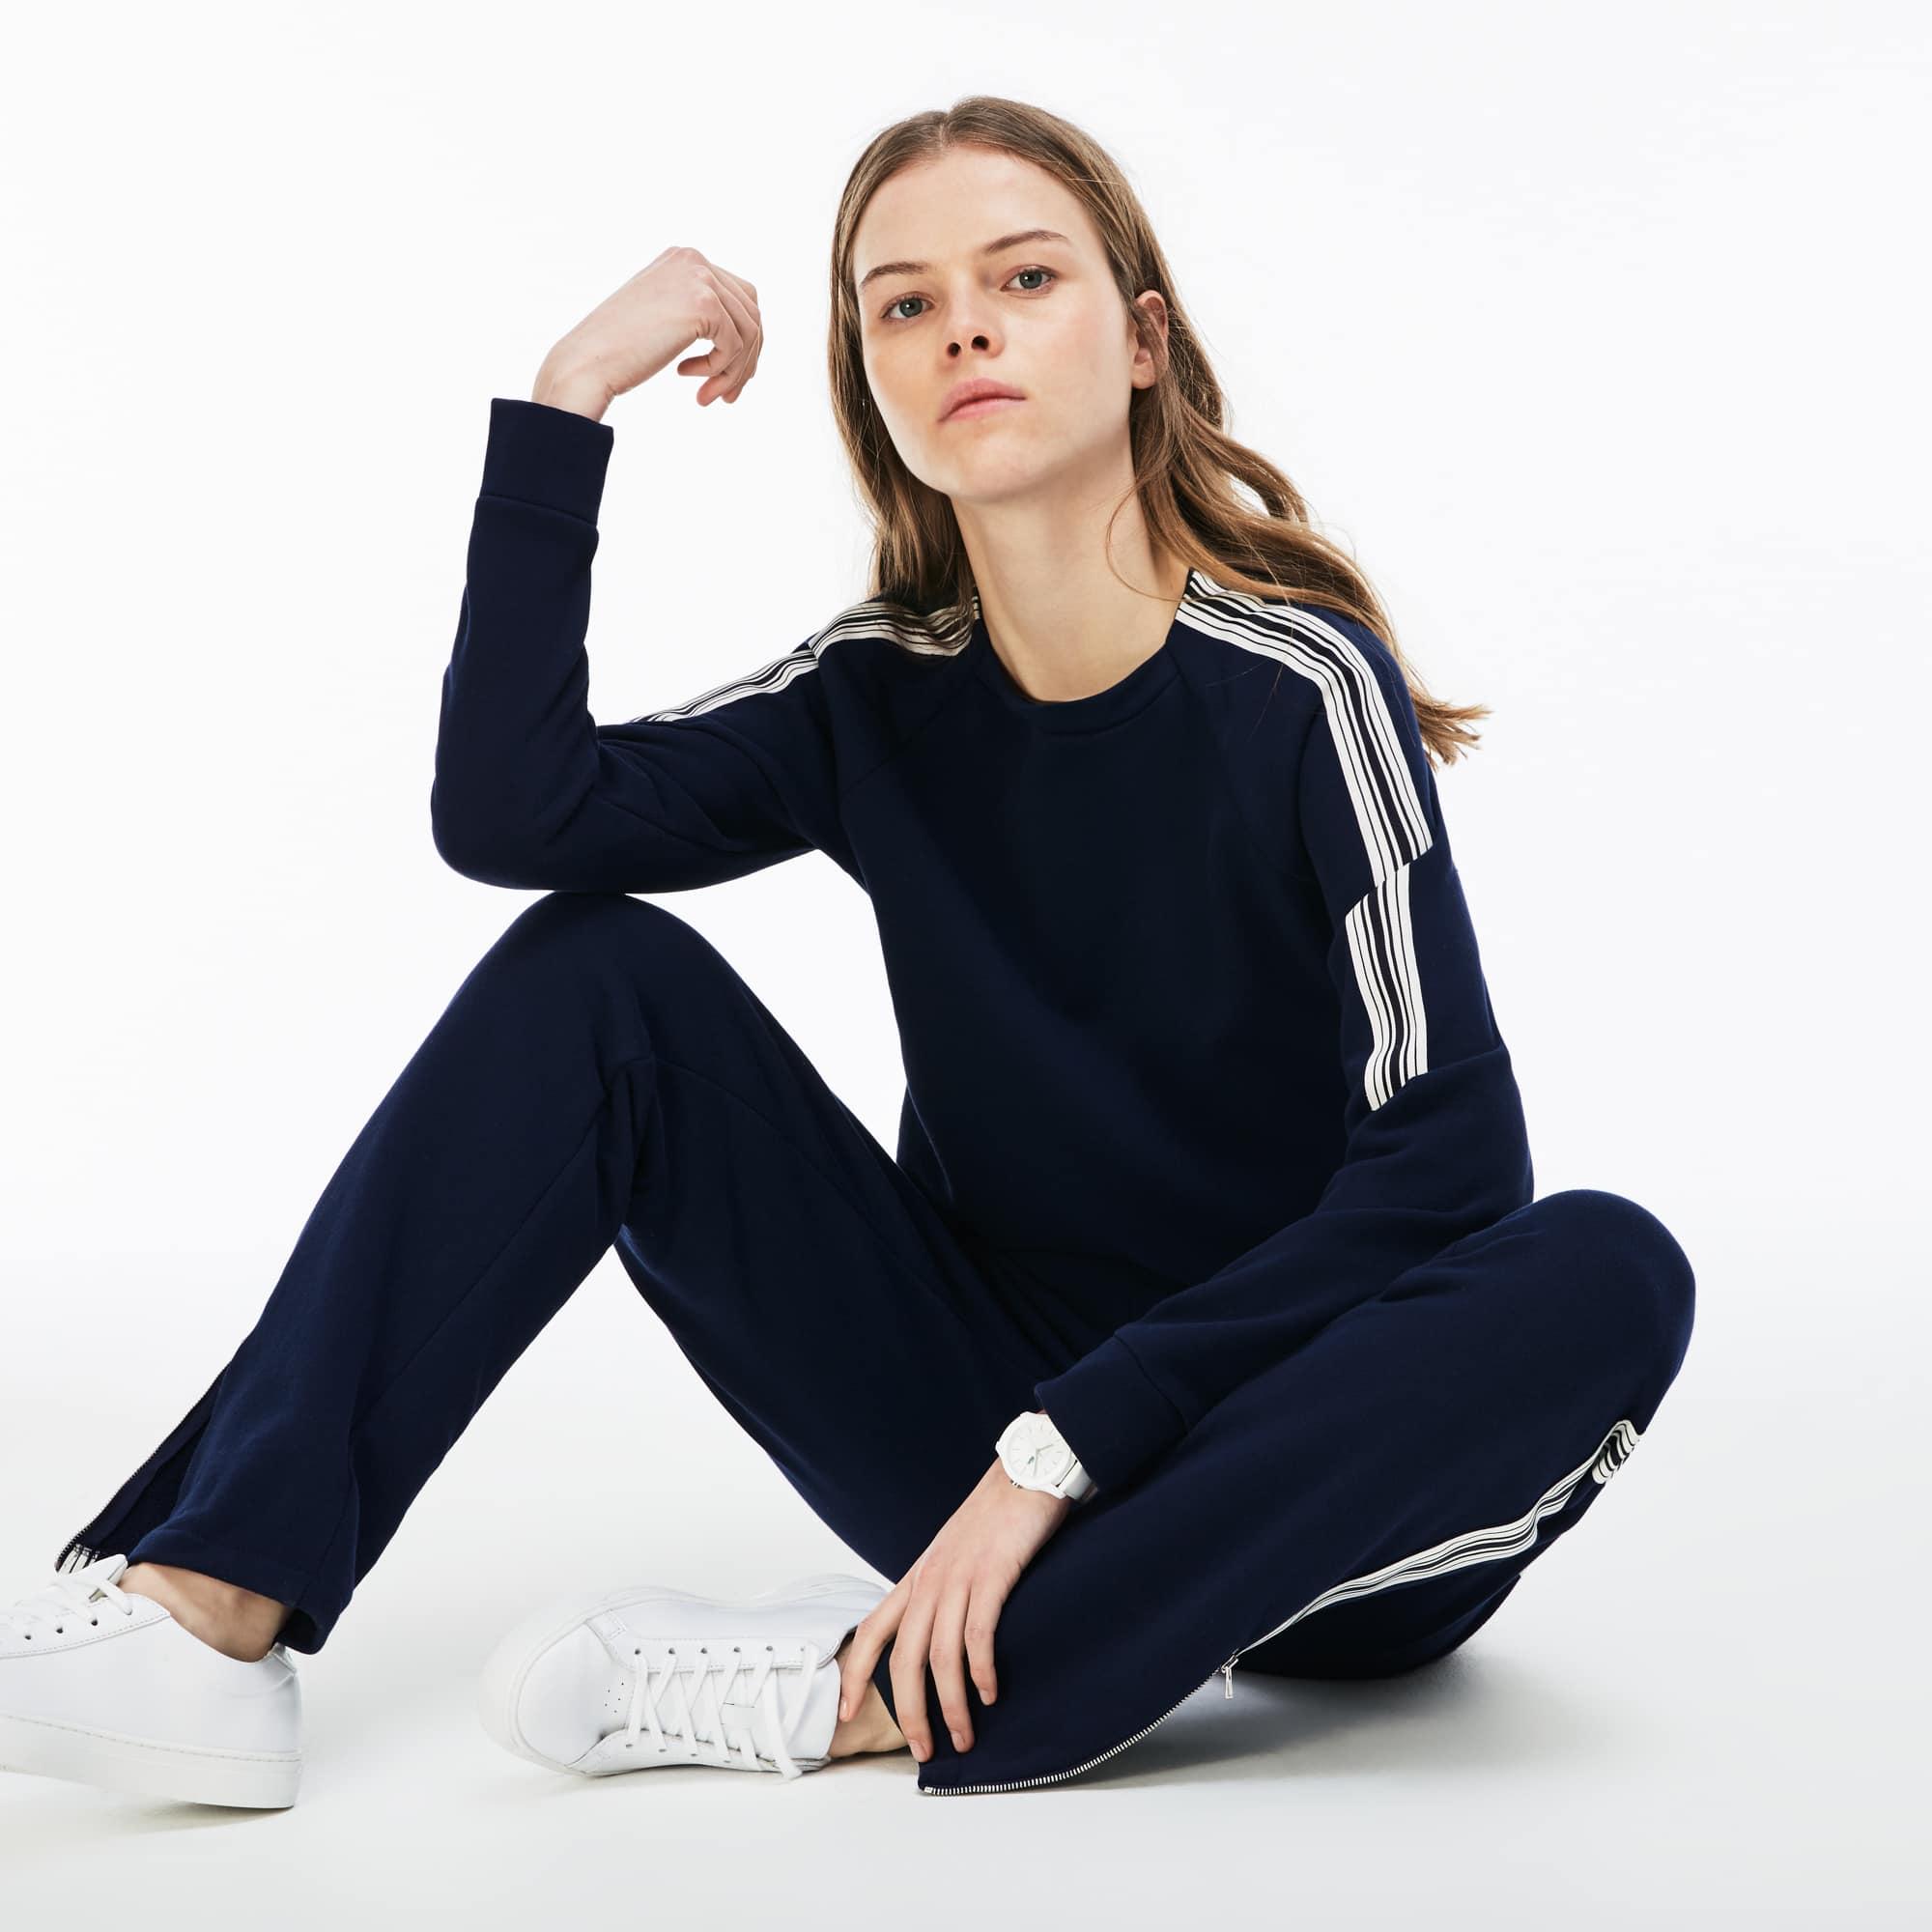 Damen-Rundhals-Sweatshirt aus Krepp-Fleece mit Kontraststreifen